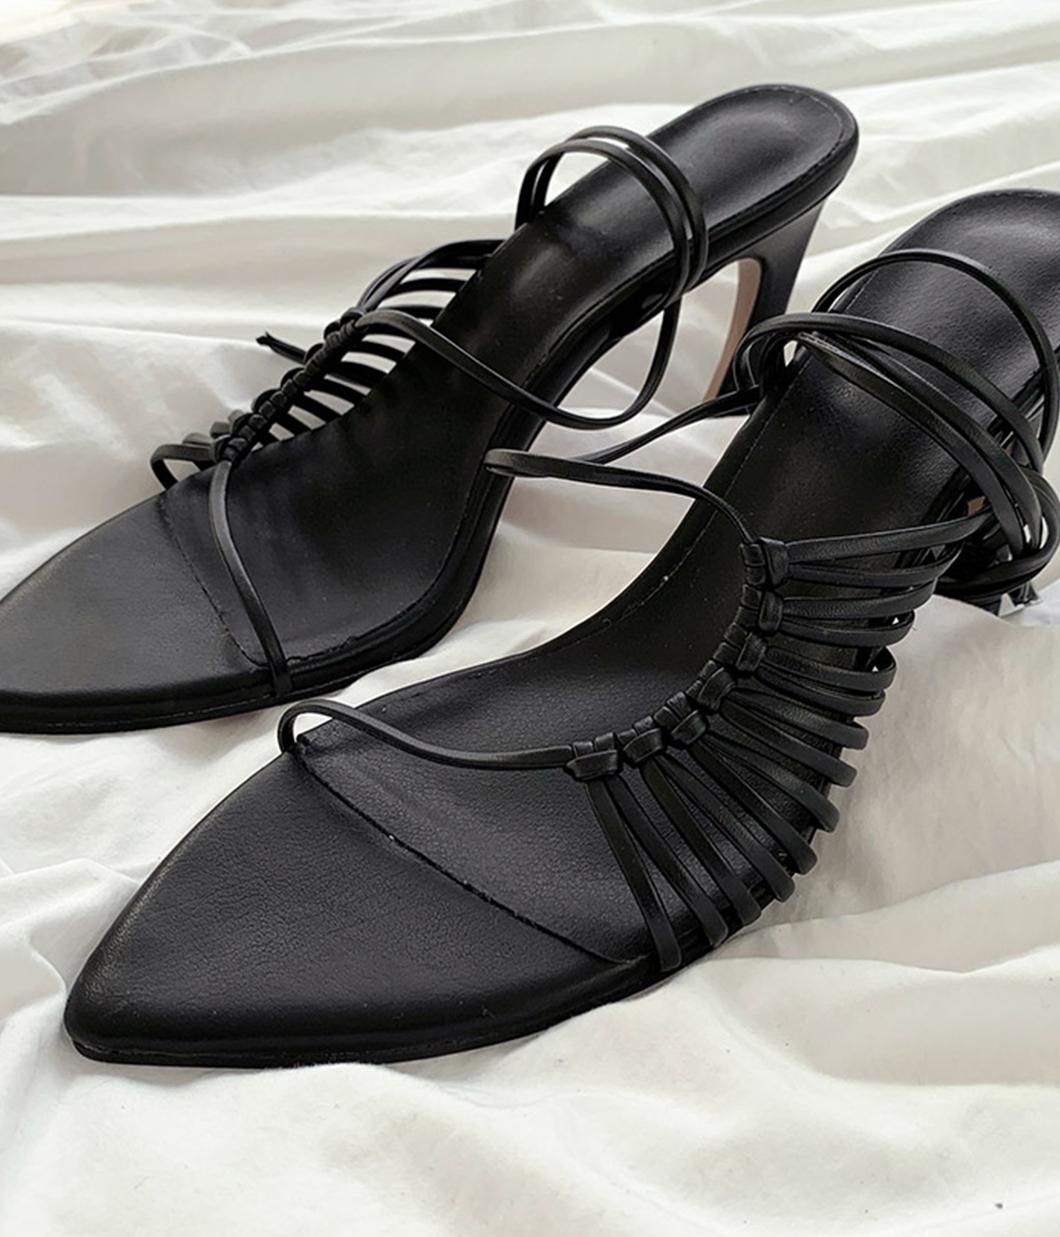 61.時髦亮眼尖頭涼鞋